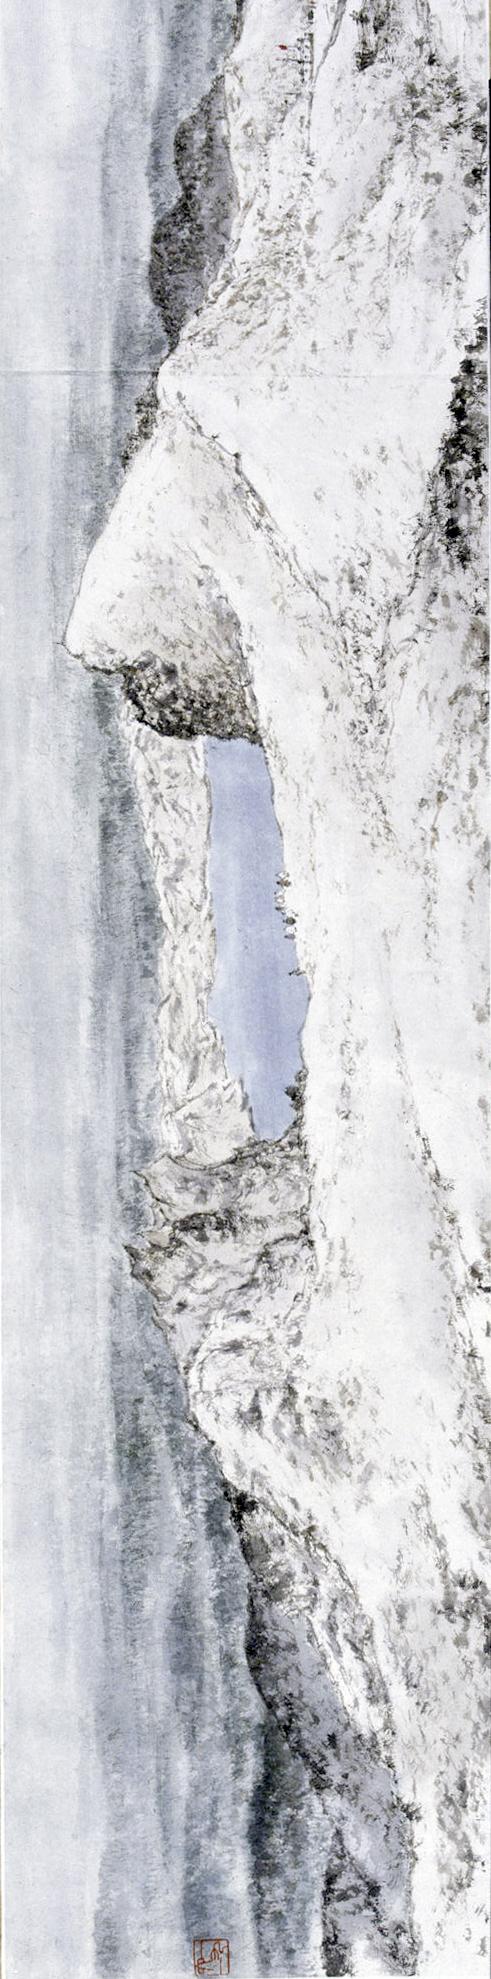 傅抱石 1961年 天池林海图卷 副本旋转副本